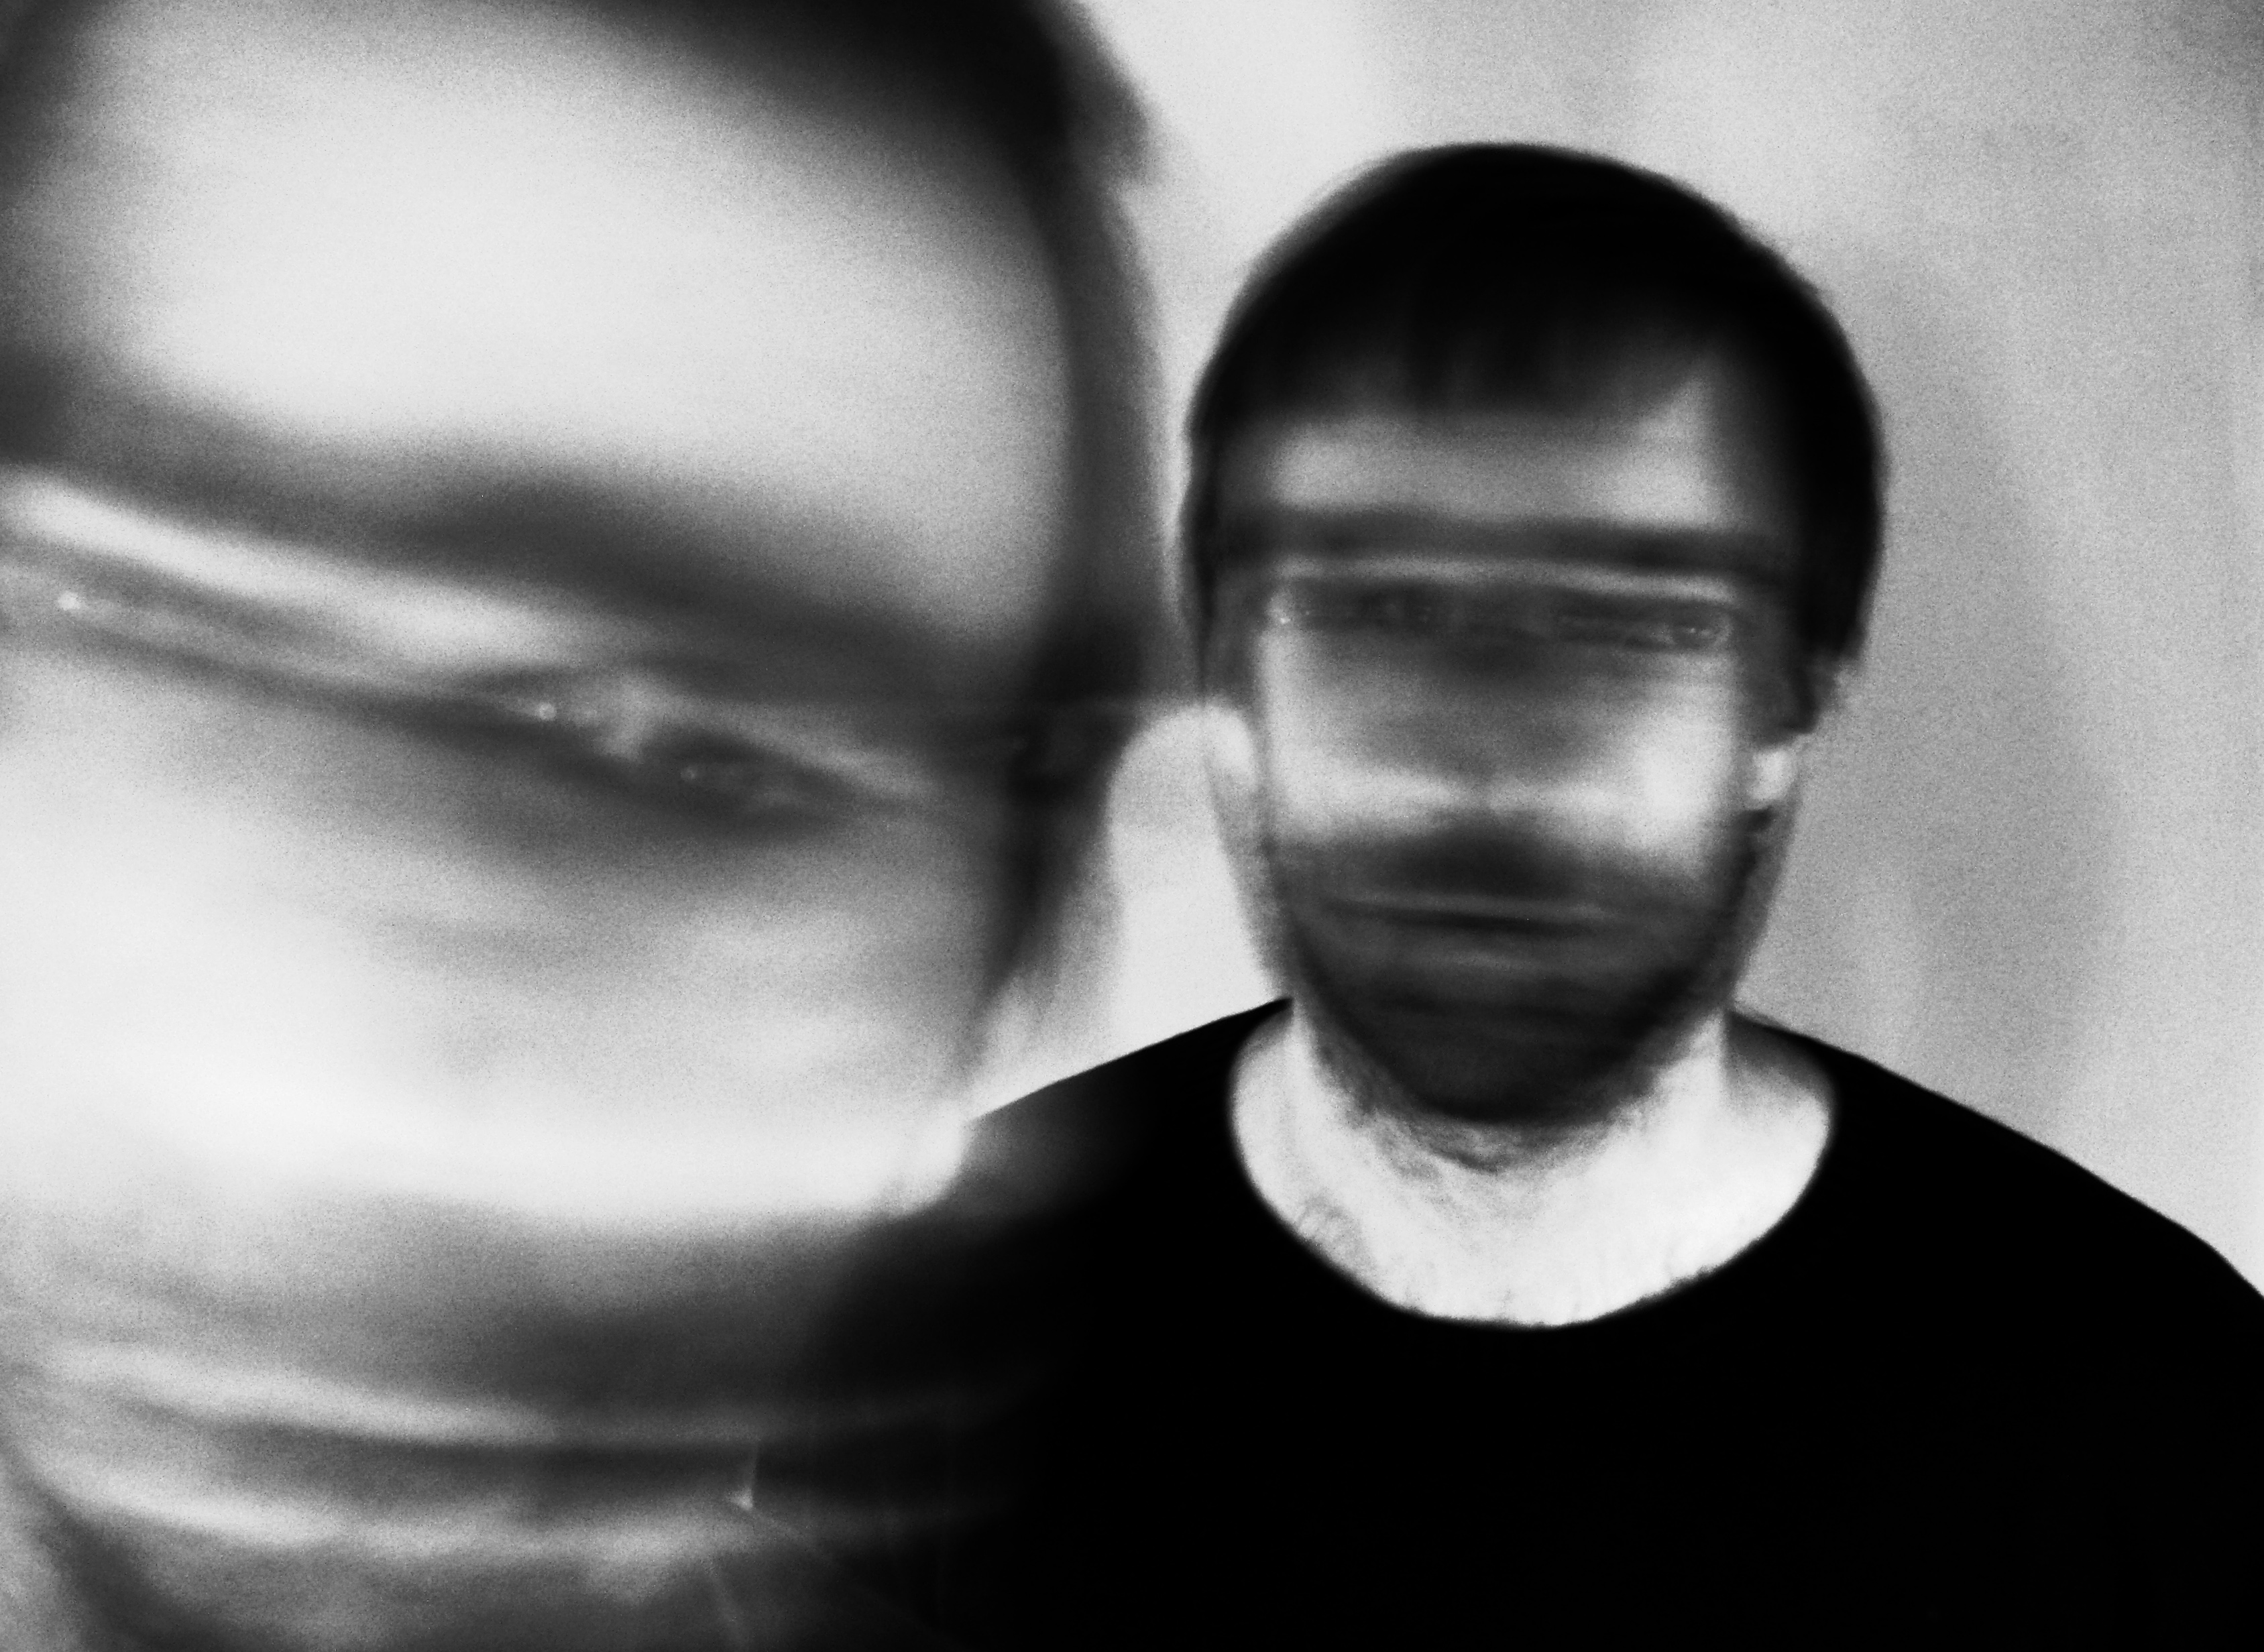 Autechre delivers a four hour mix for Dekmantel's podcast series